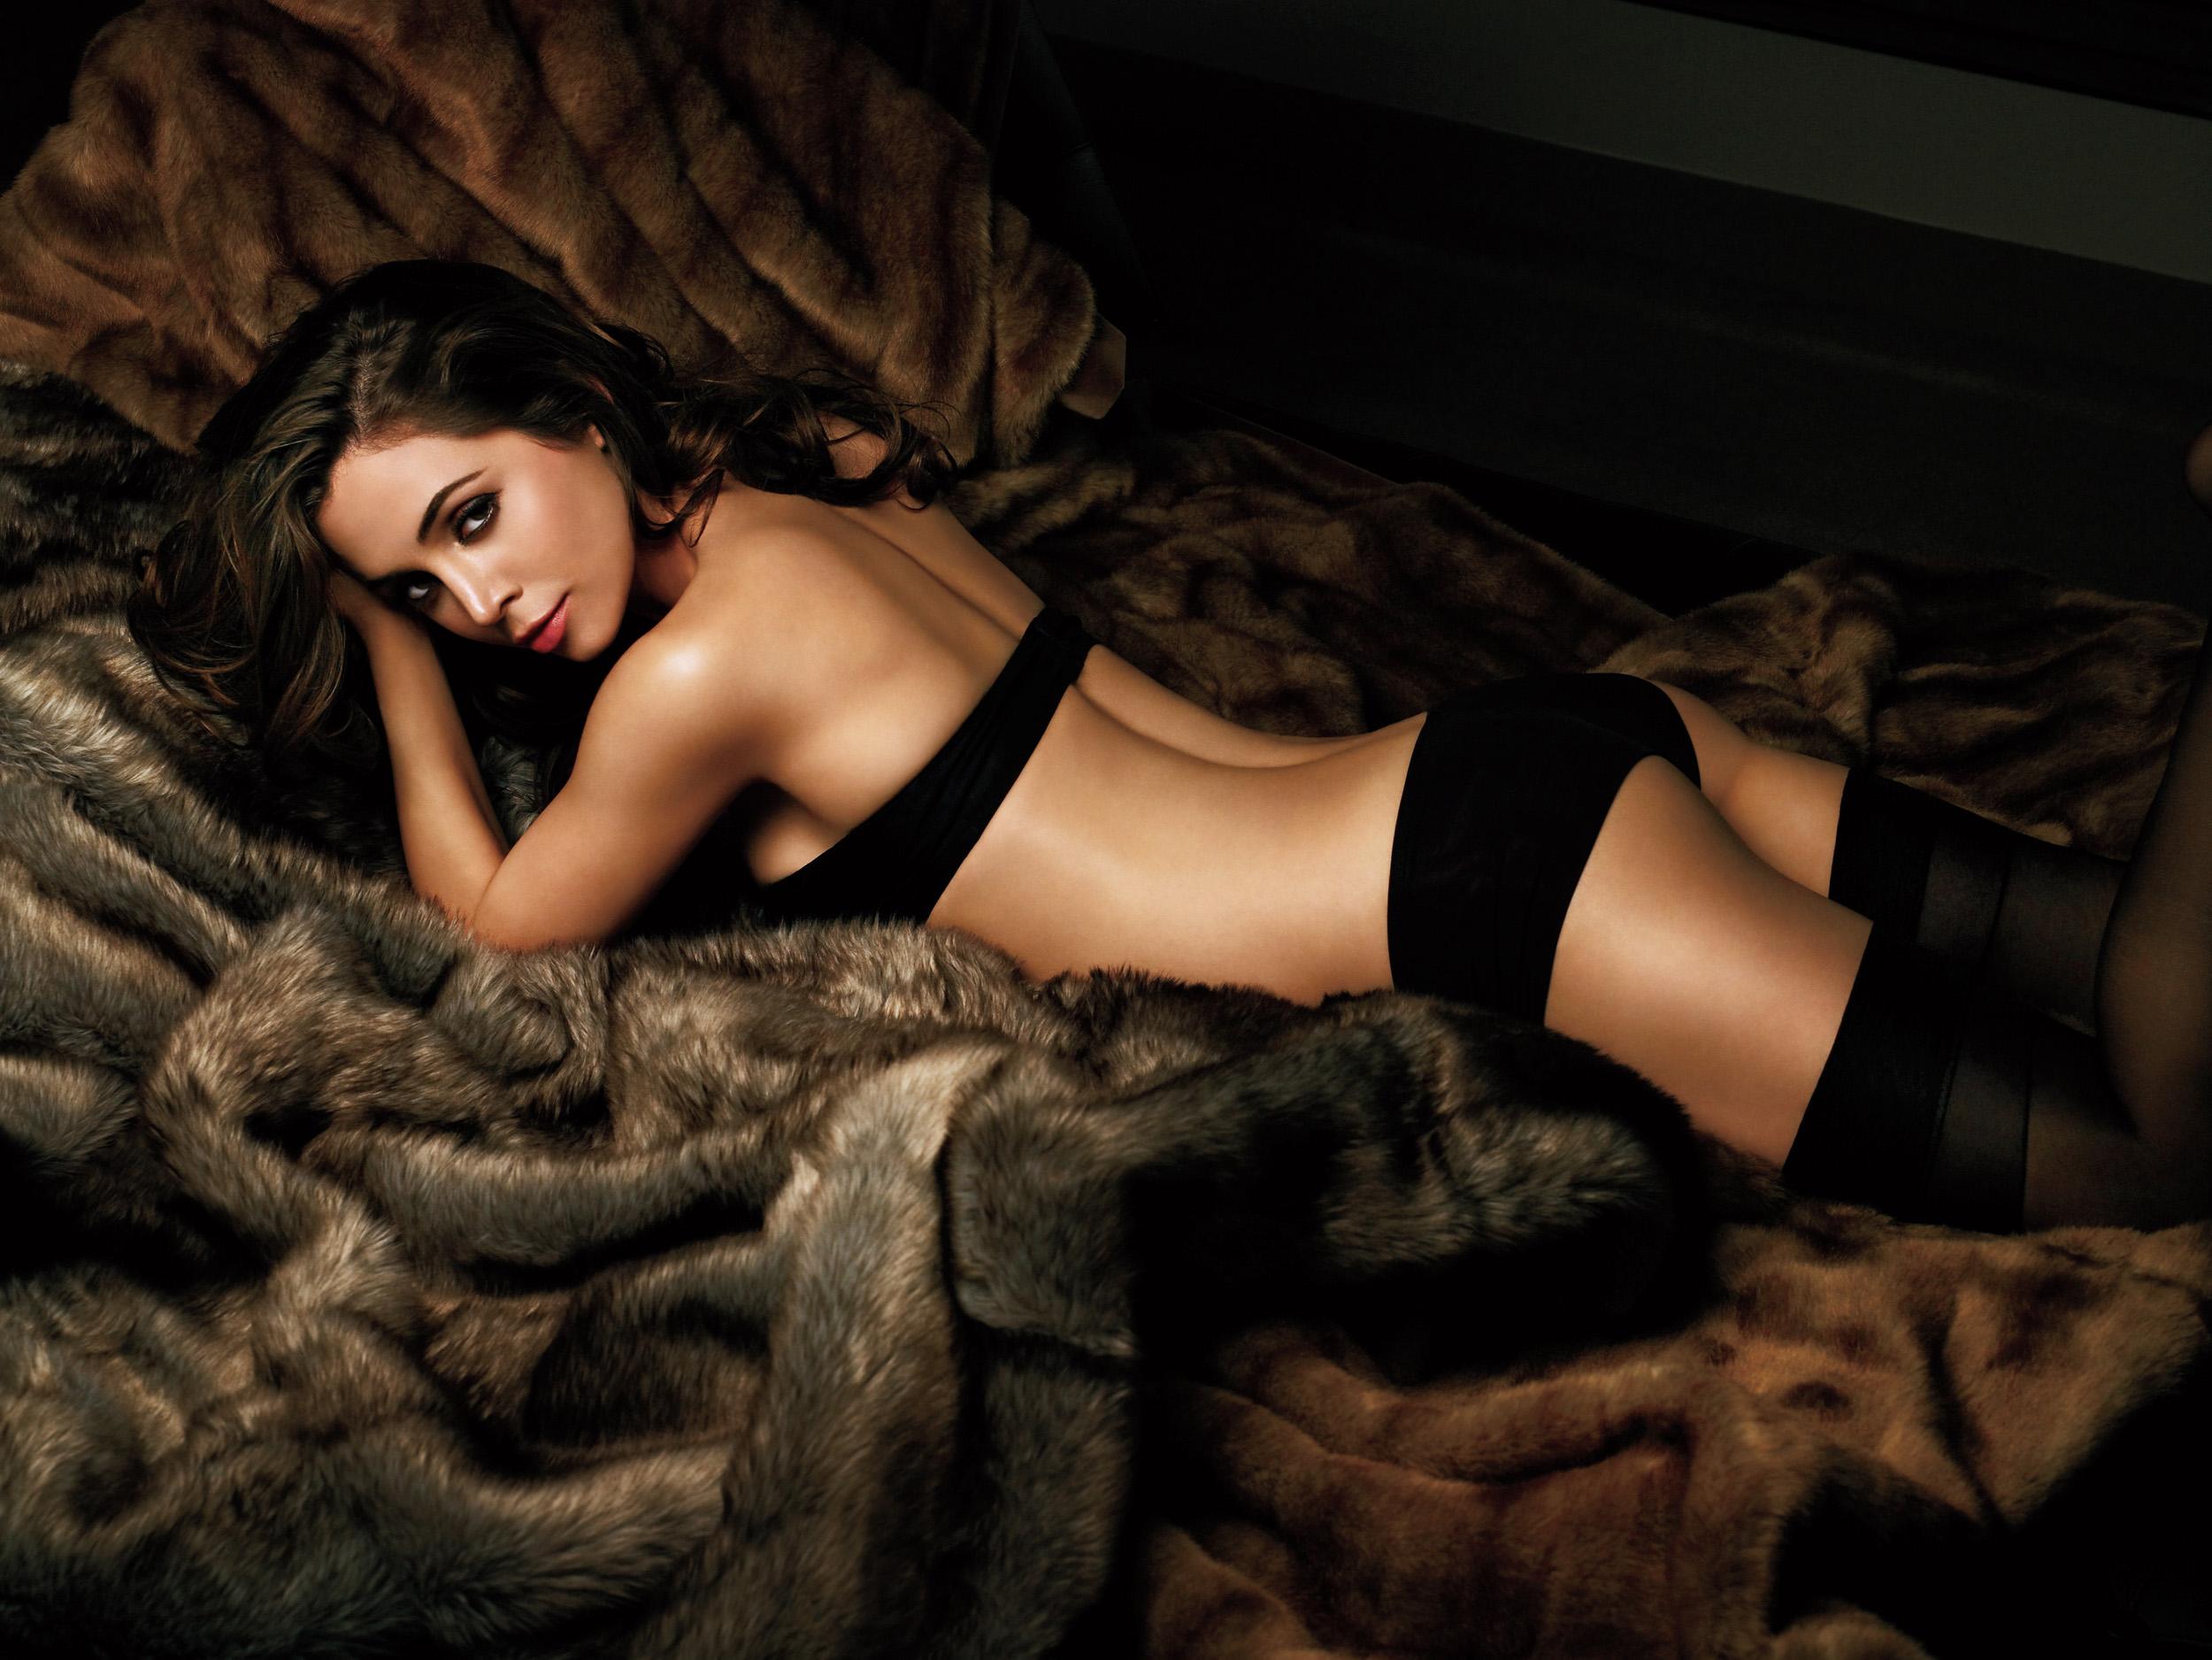 Naga porn actress nude pics adult comic